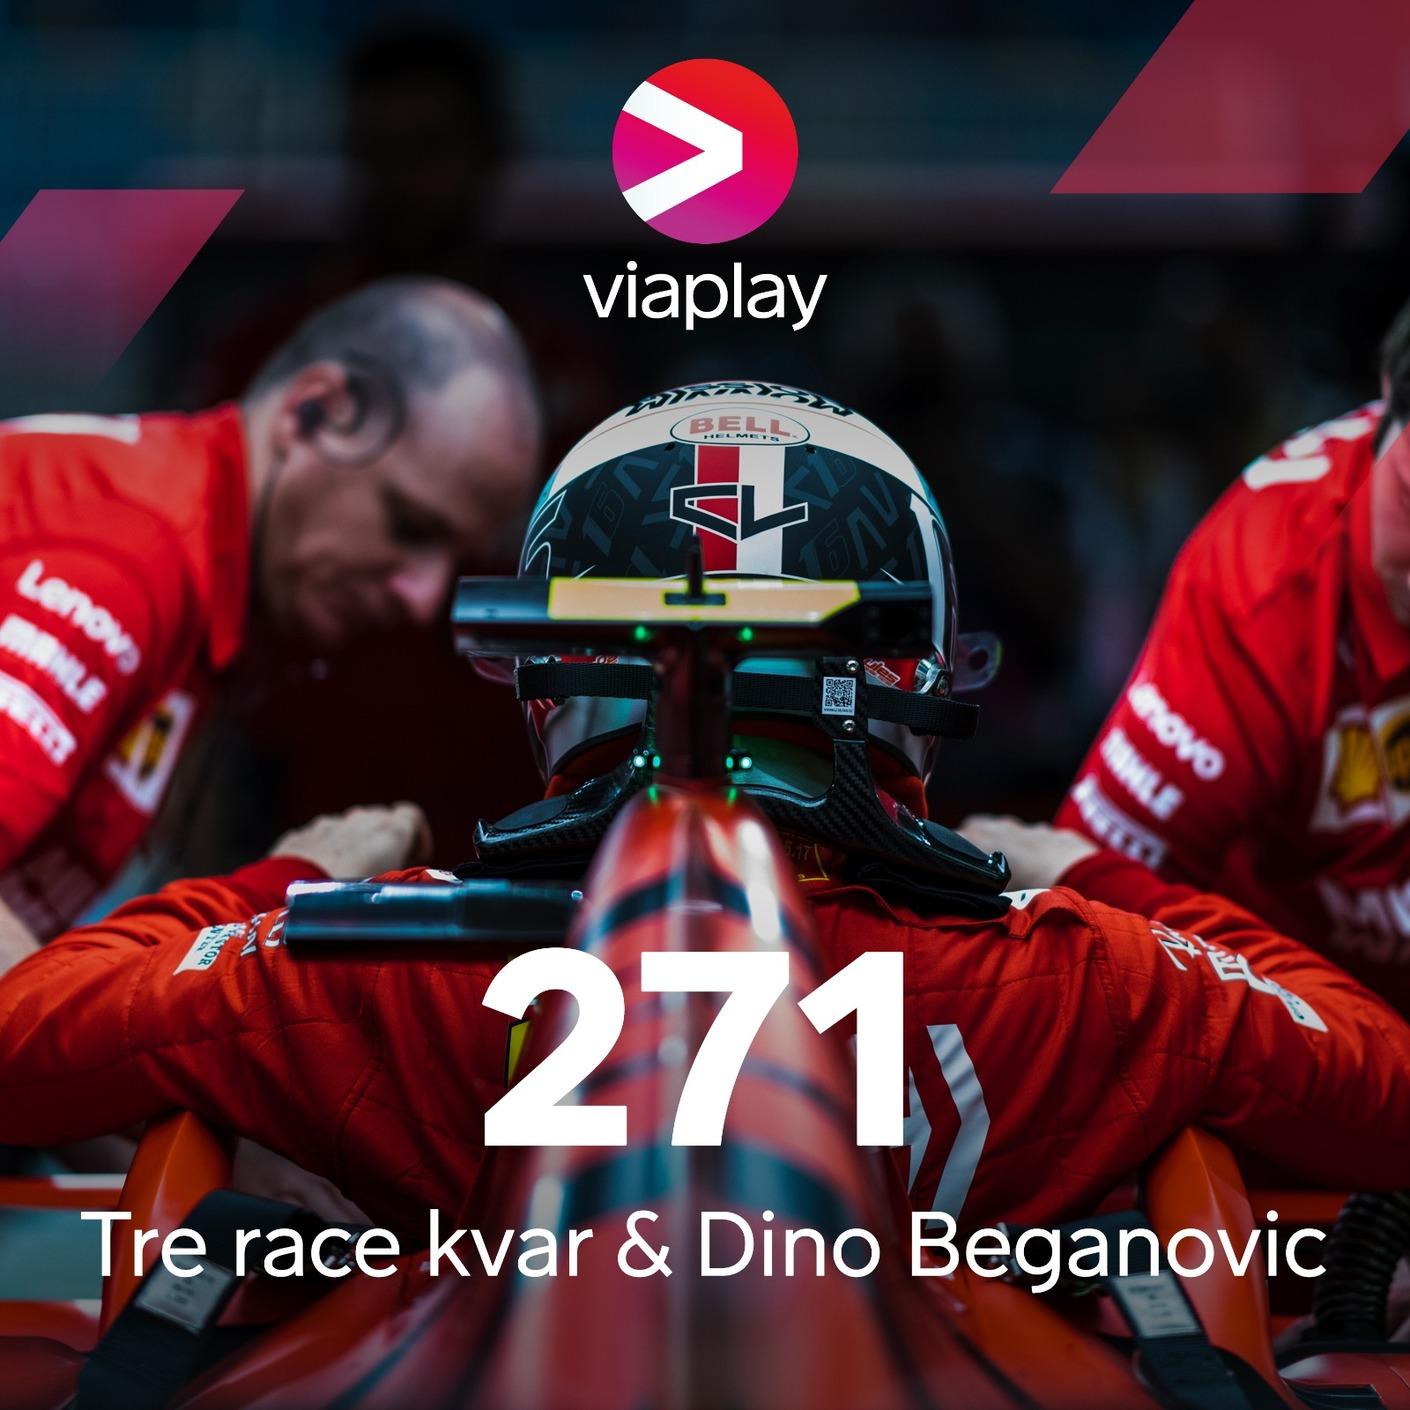 271. Tre race kvar & Dino Beganovic